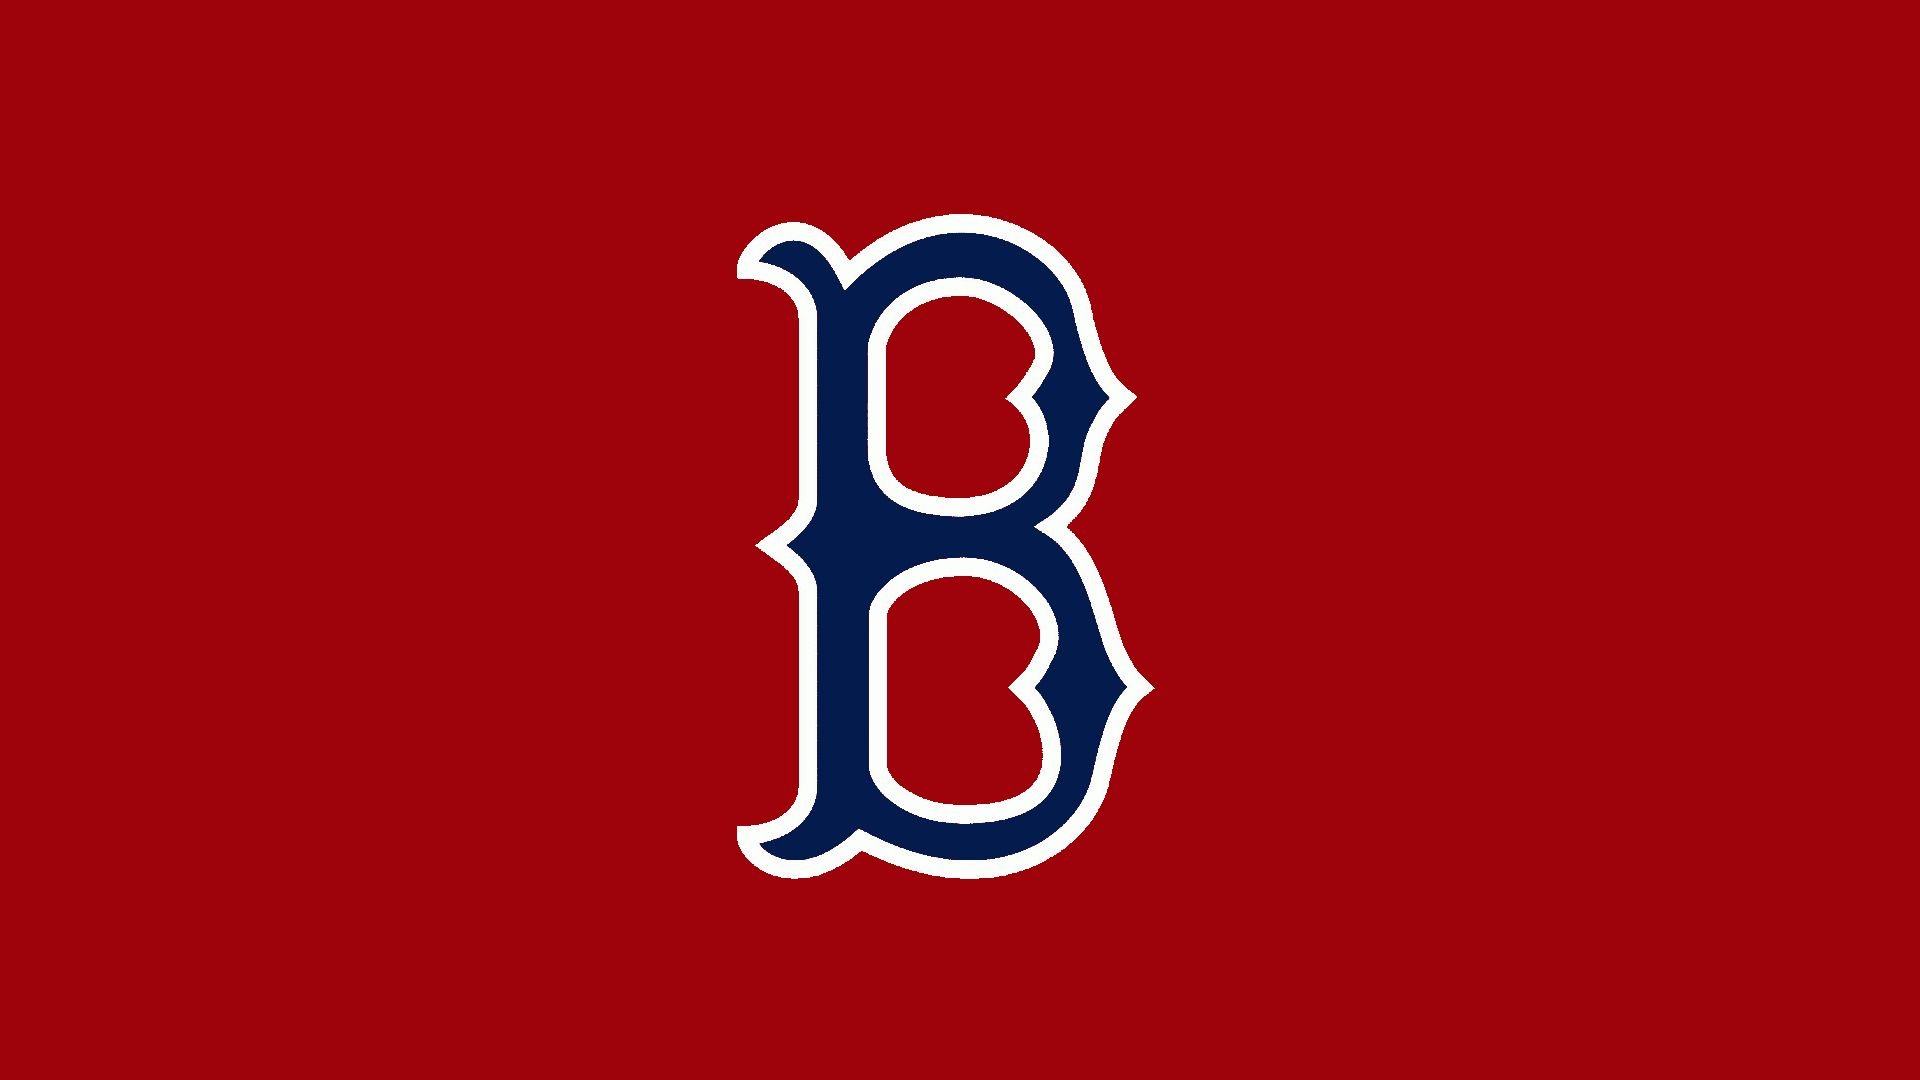 Resultado de imagen para boston red sox